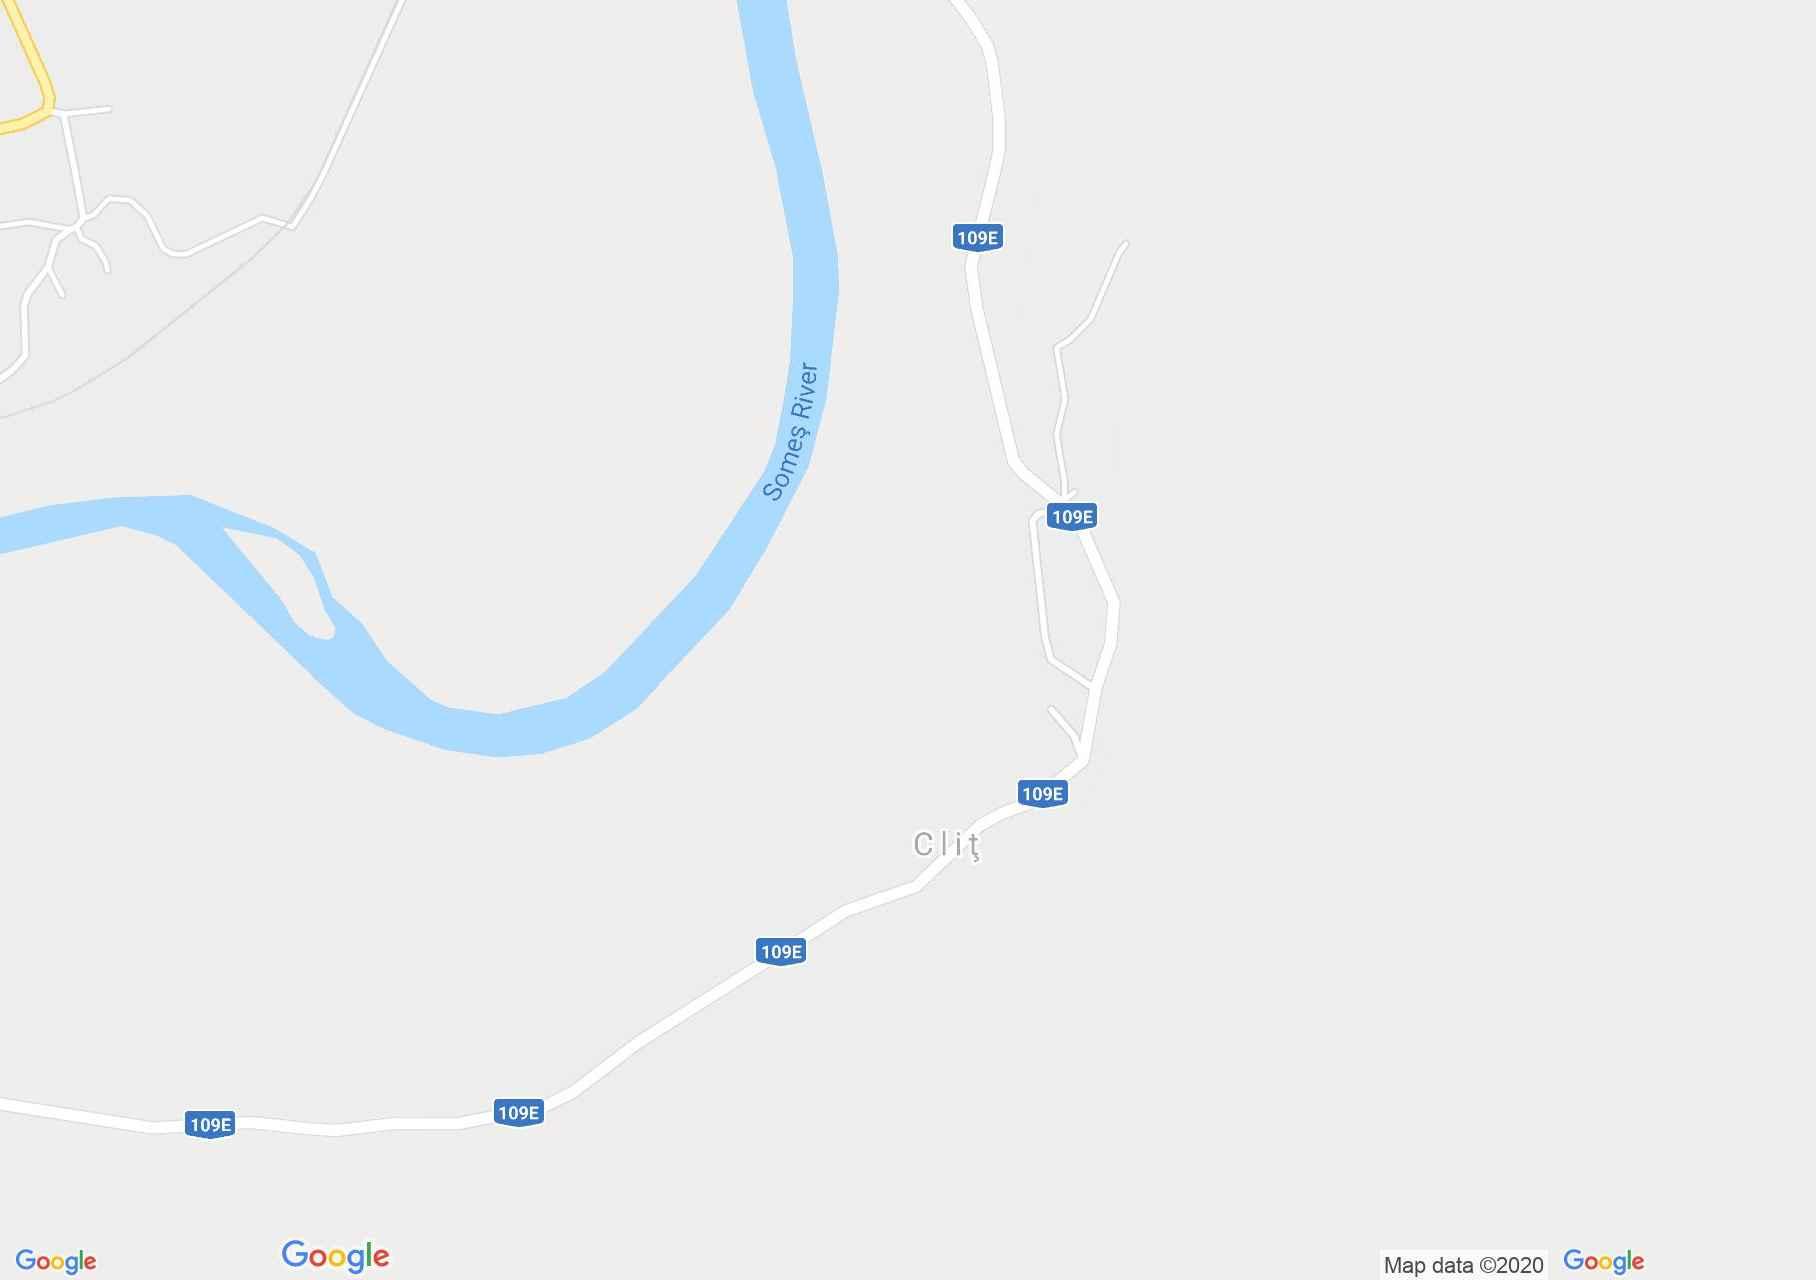 Cliţ, Harta turistică interactivă